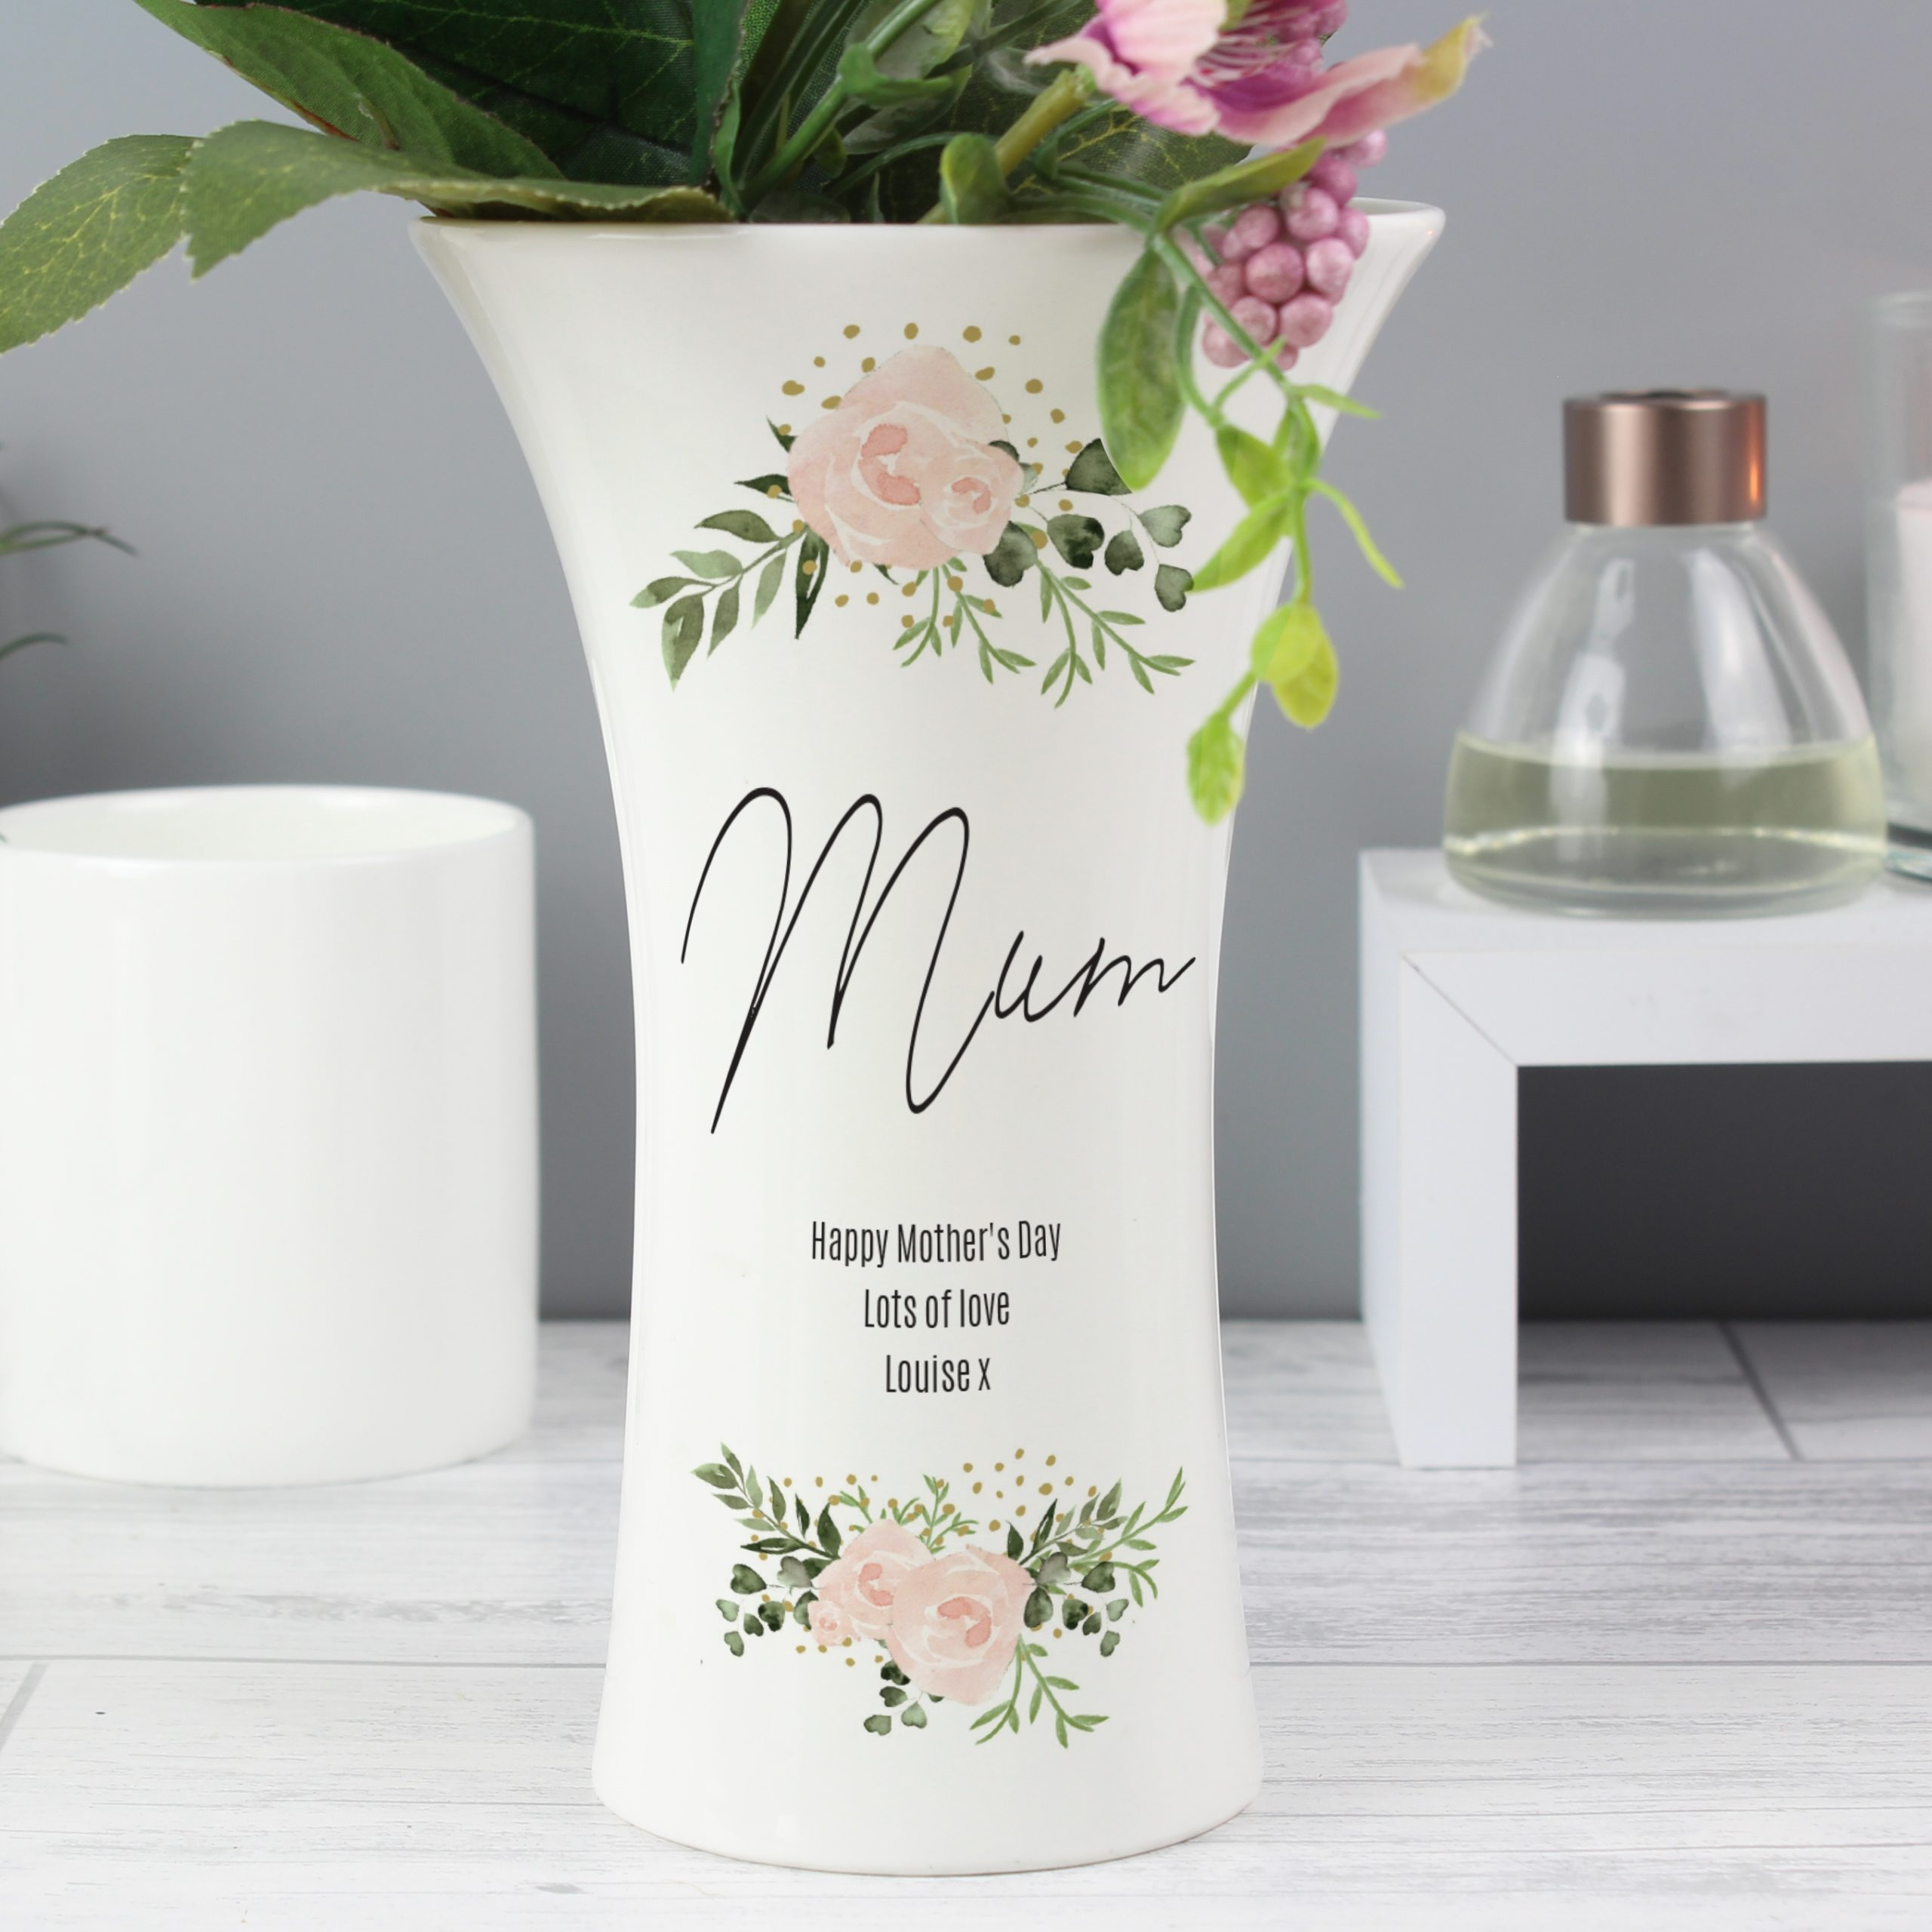 Personalised Ceramic Waisted Vase